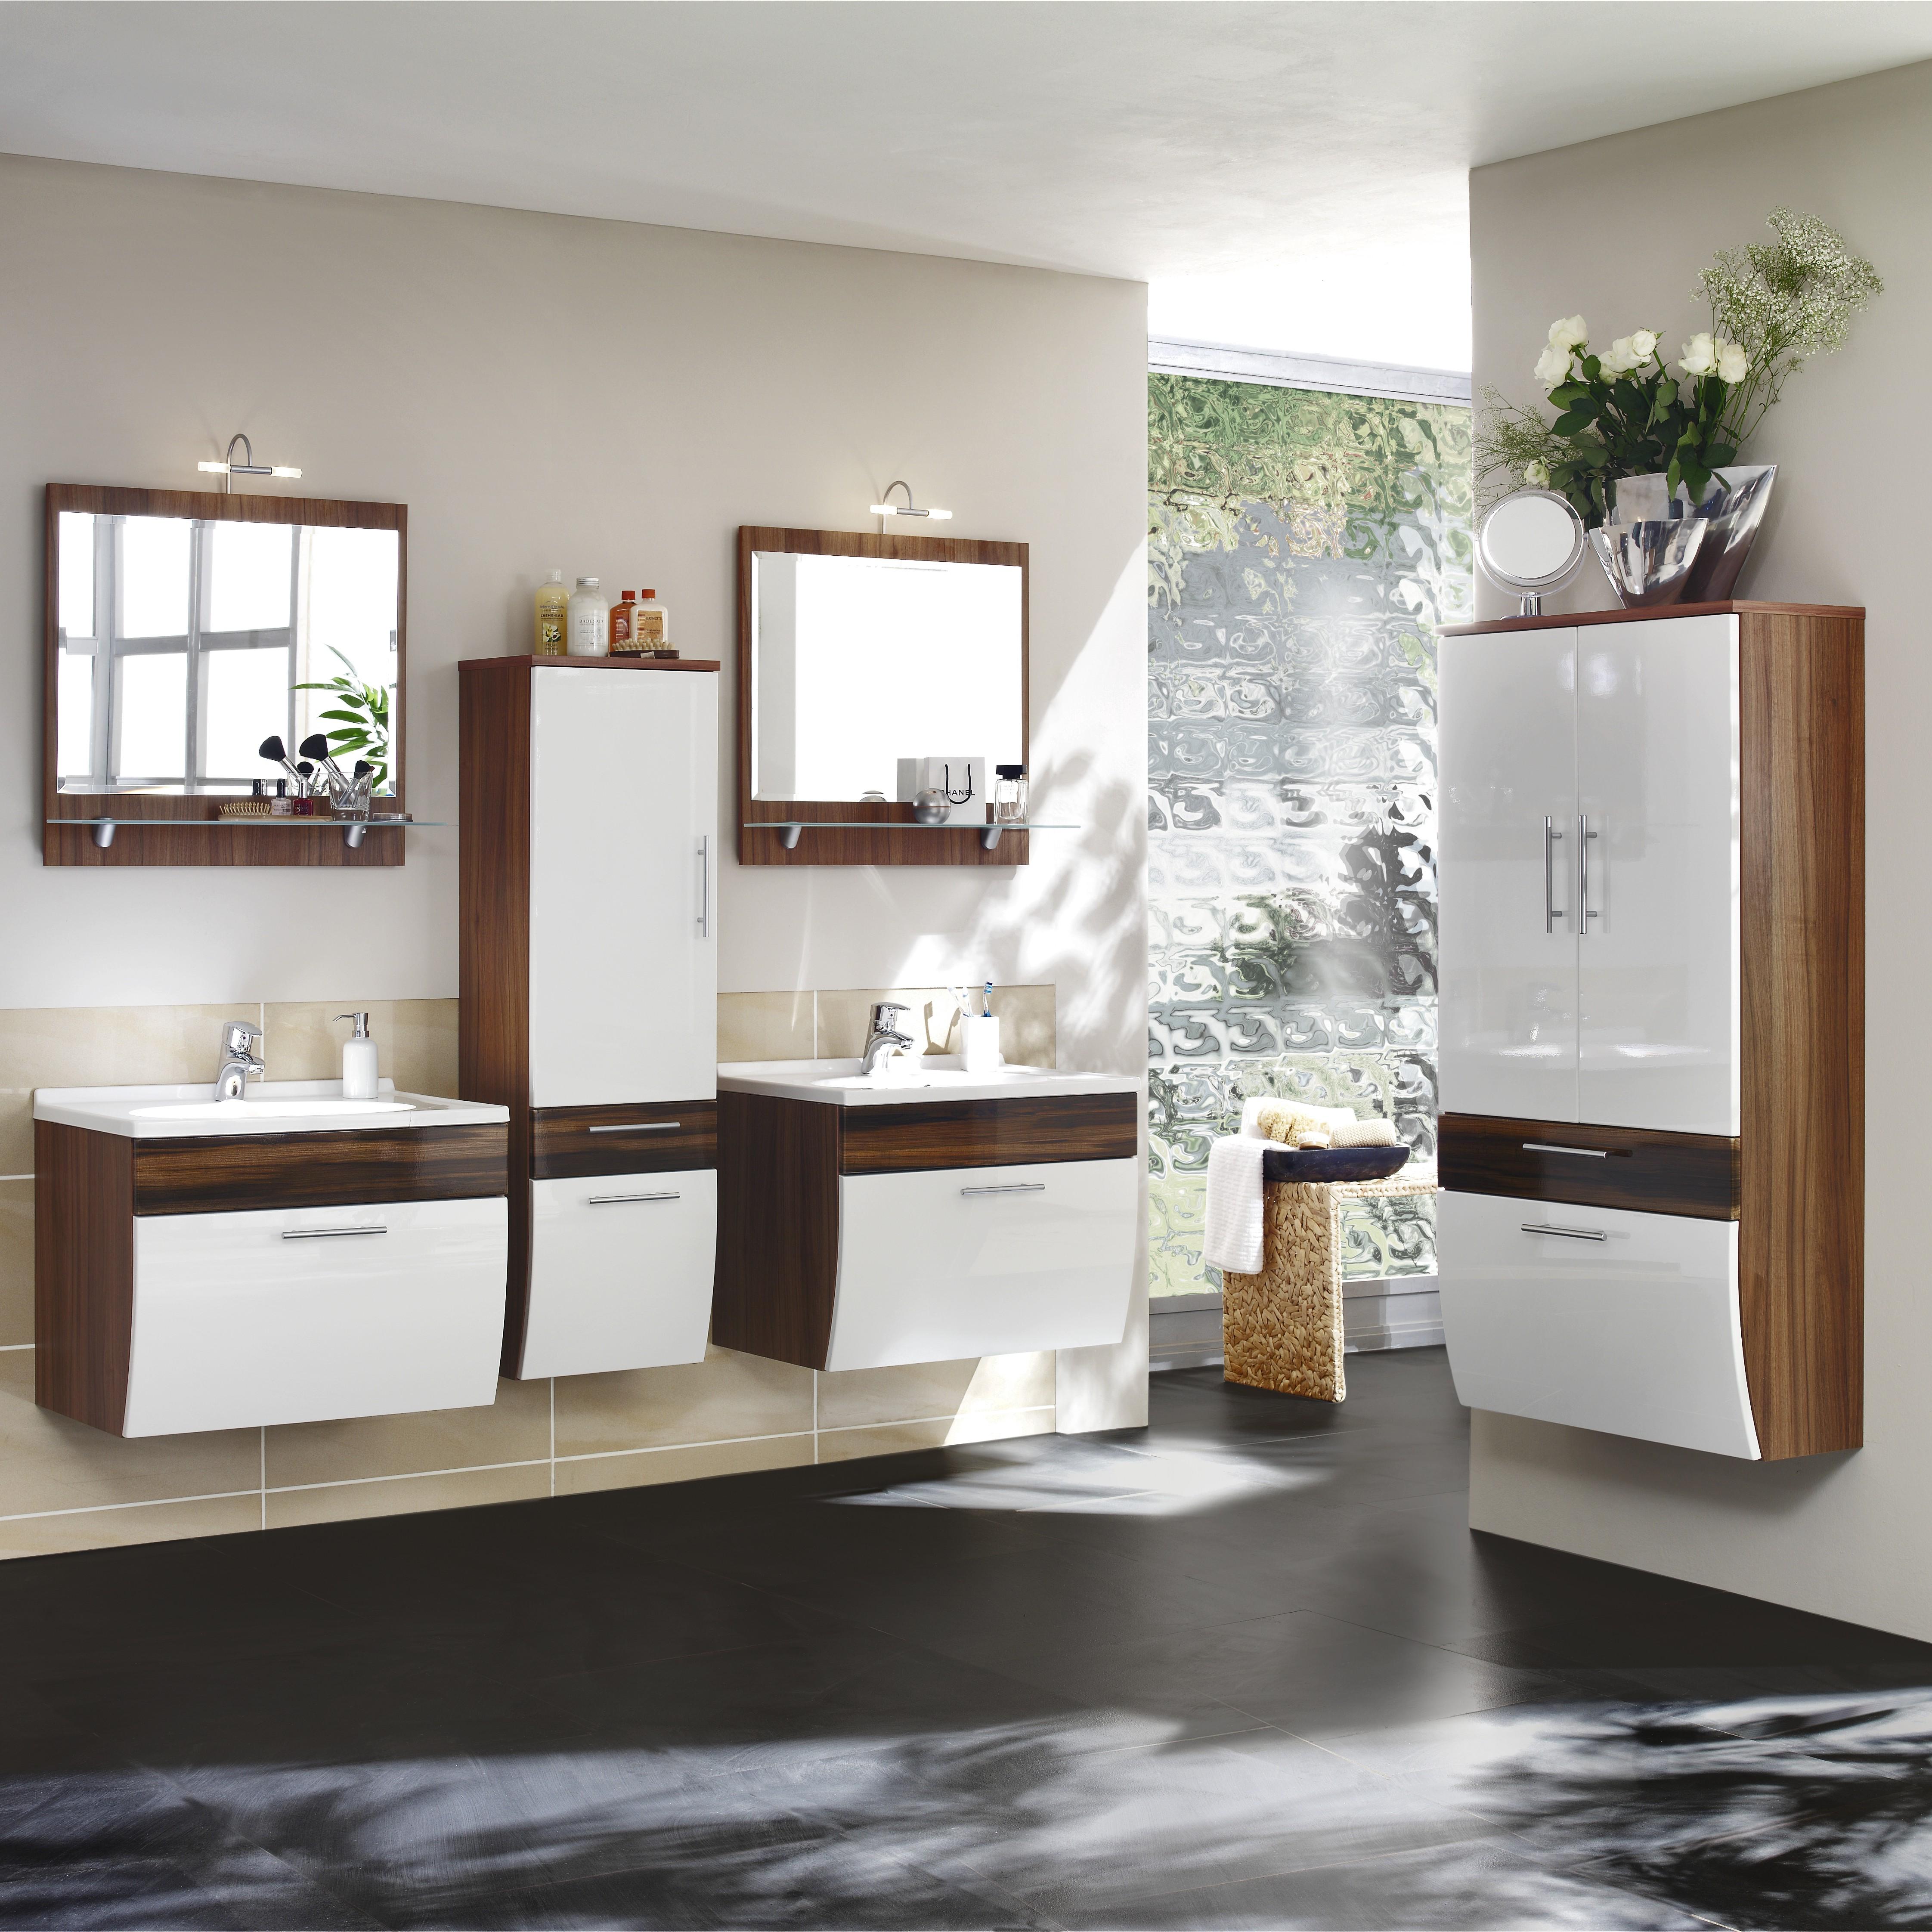 Waschtisch Tara, Posseik